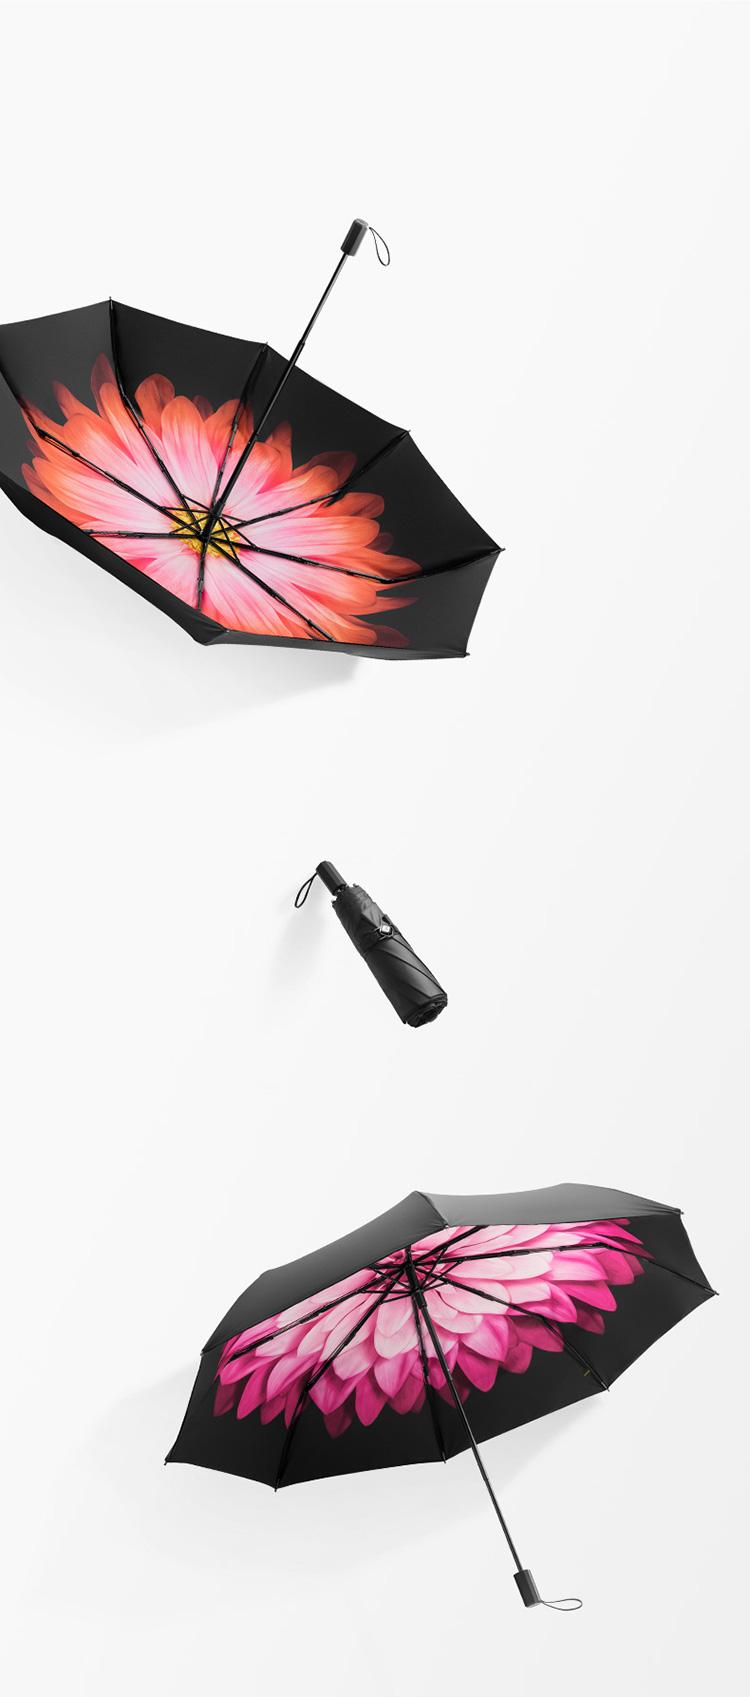 蕉下太阳伞防紫外线雨伞双层防晒伞折叠晴雨伞遮阳伞女小黑伞49cm*8骨岚朵